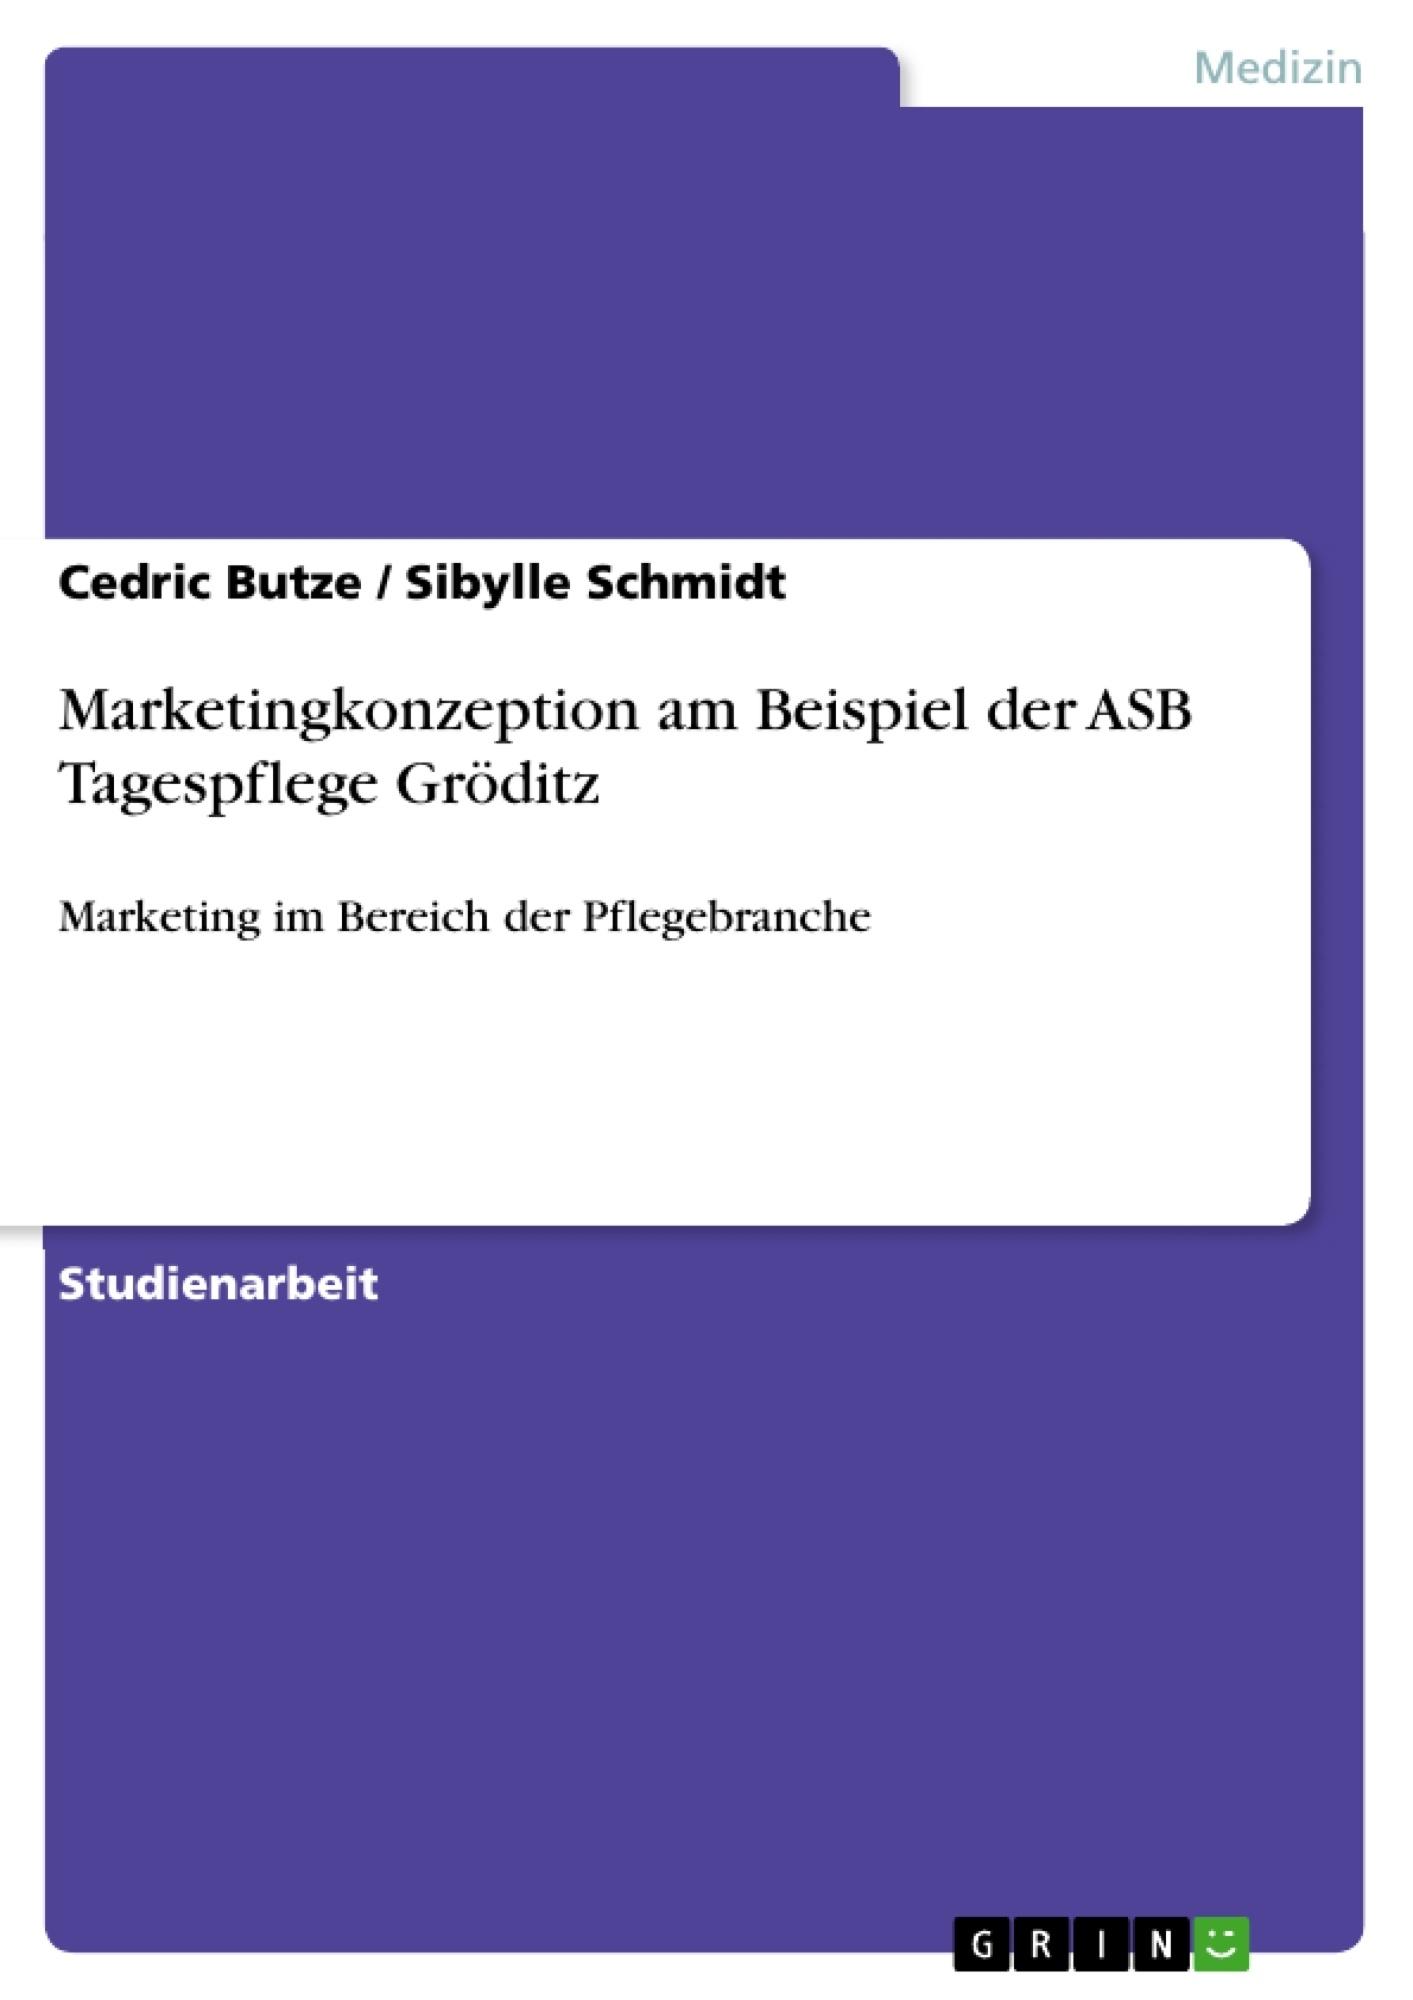 Titel: Marketingkonzeption am Beispiel der ASB Tagespflege Gröditz